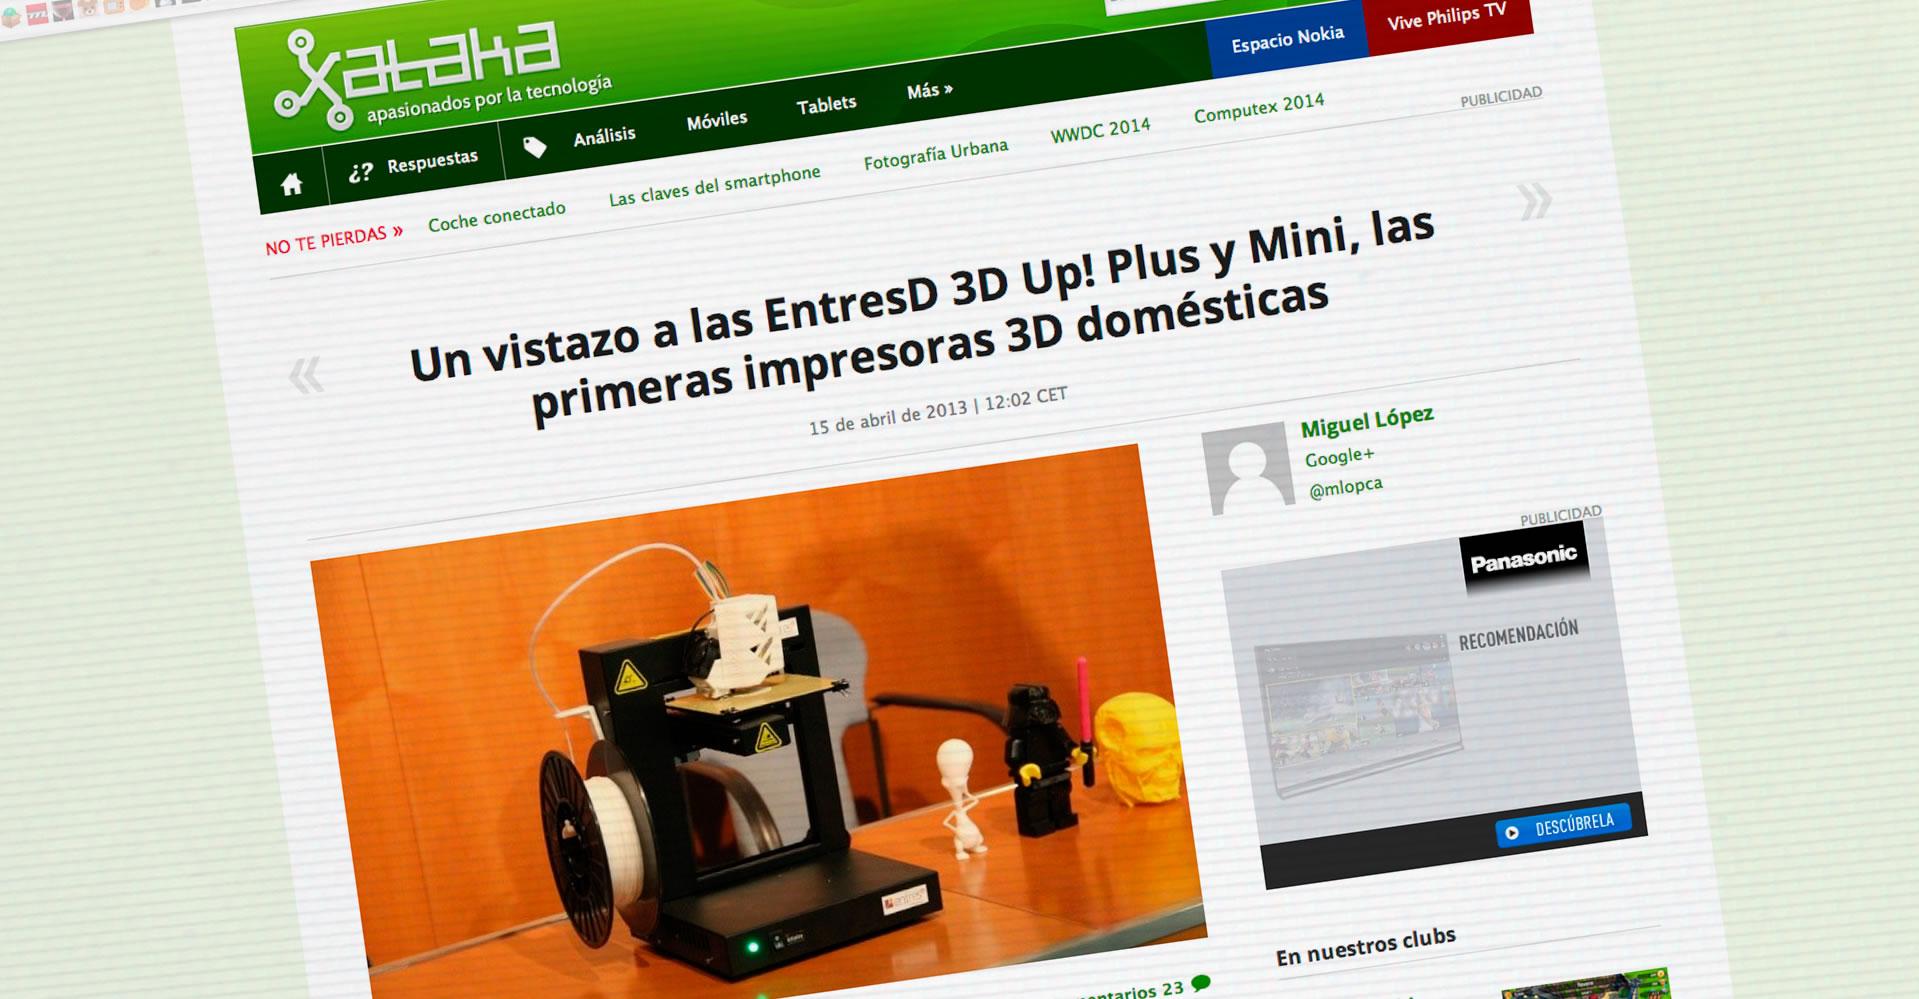 Un vistazo a las EntresD 3D Up! Plus y Mini, las primeras impresoras 3D domésticas. Xataka